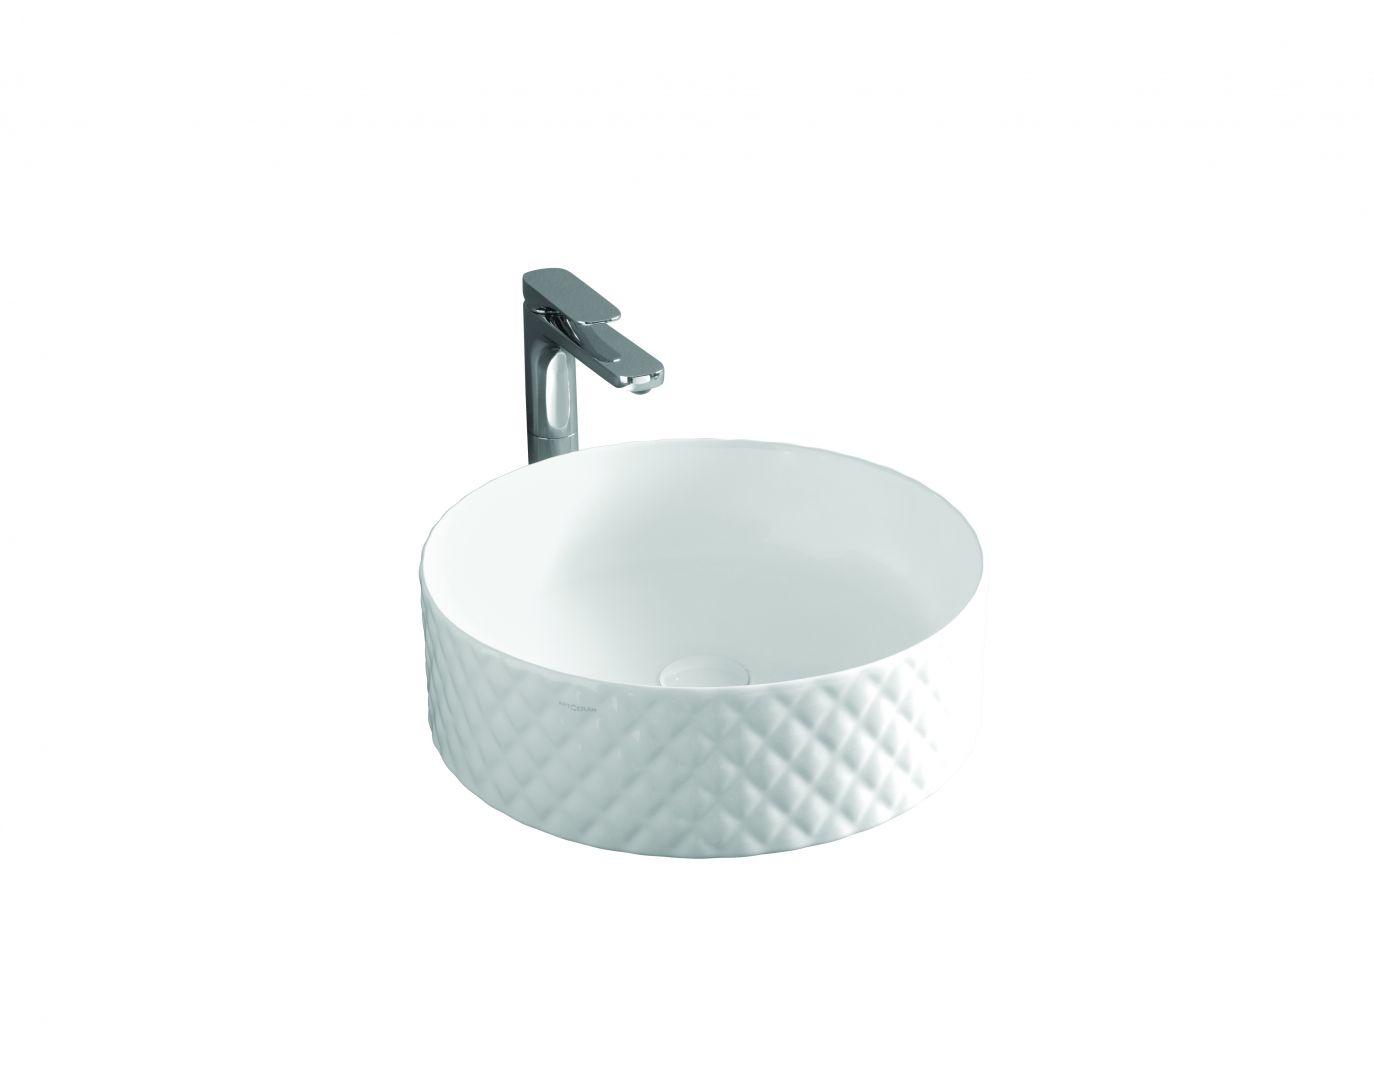 Ceramiczna umywalka nablatowa Rombo o cienkim rancie, z efektowną, romboidalną fakturą 3D przywodzącą na myśl eleganckie pikowania. Fot. Artceram